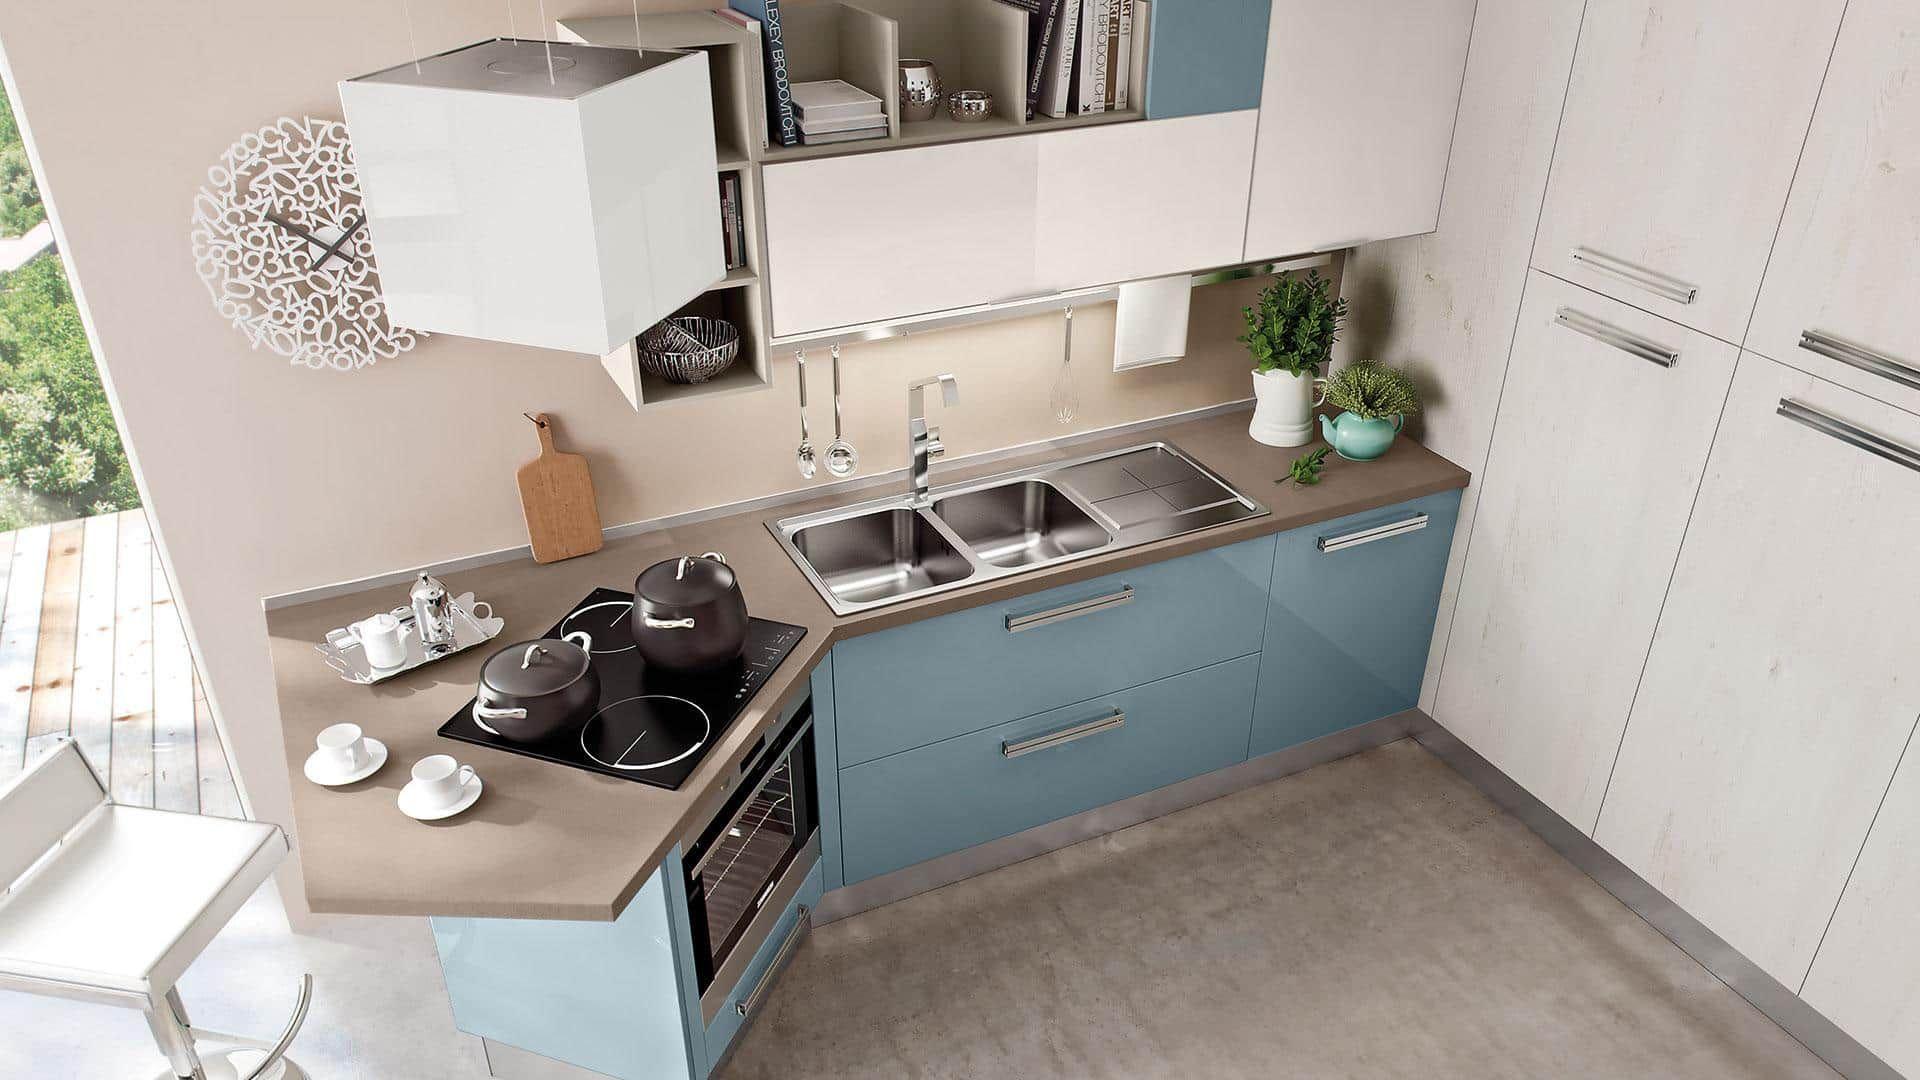 Arredamento per cucine di piccole dimensioni arredo cucine piccole moderne e componibili ad - Cucine angolari piccole dimensioni ...